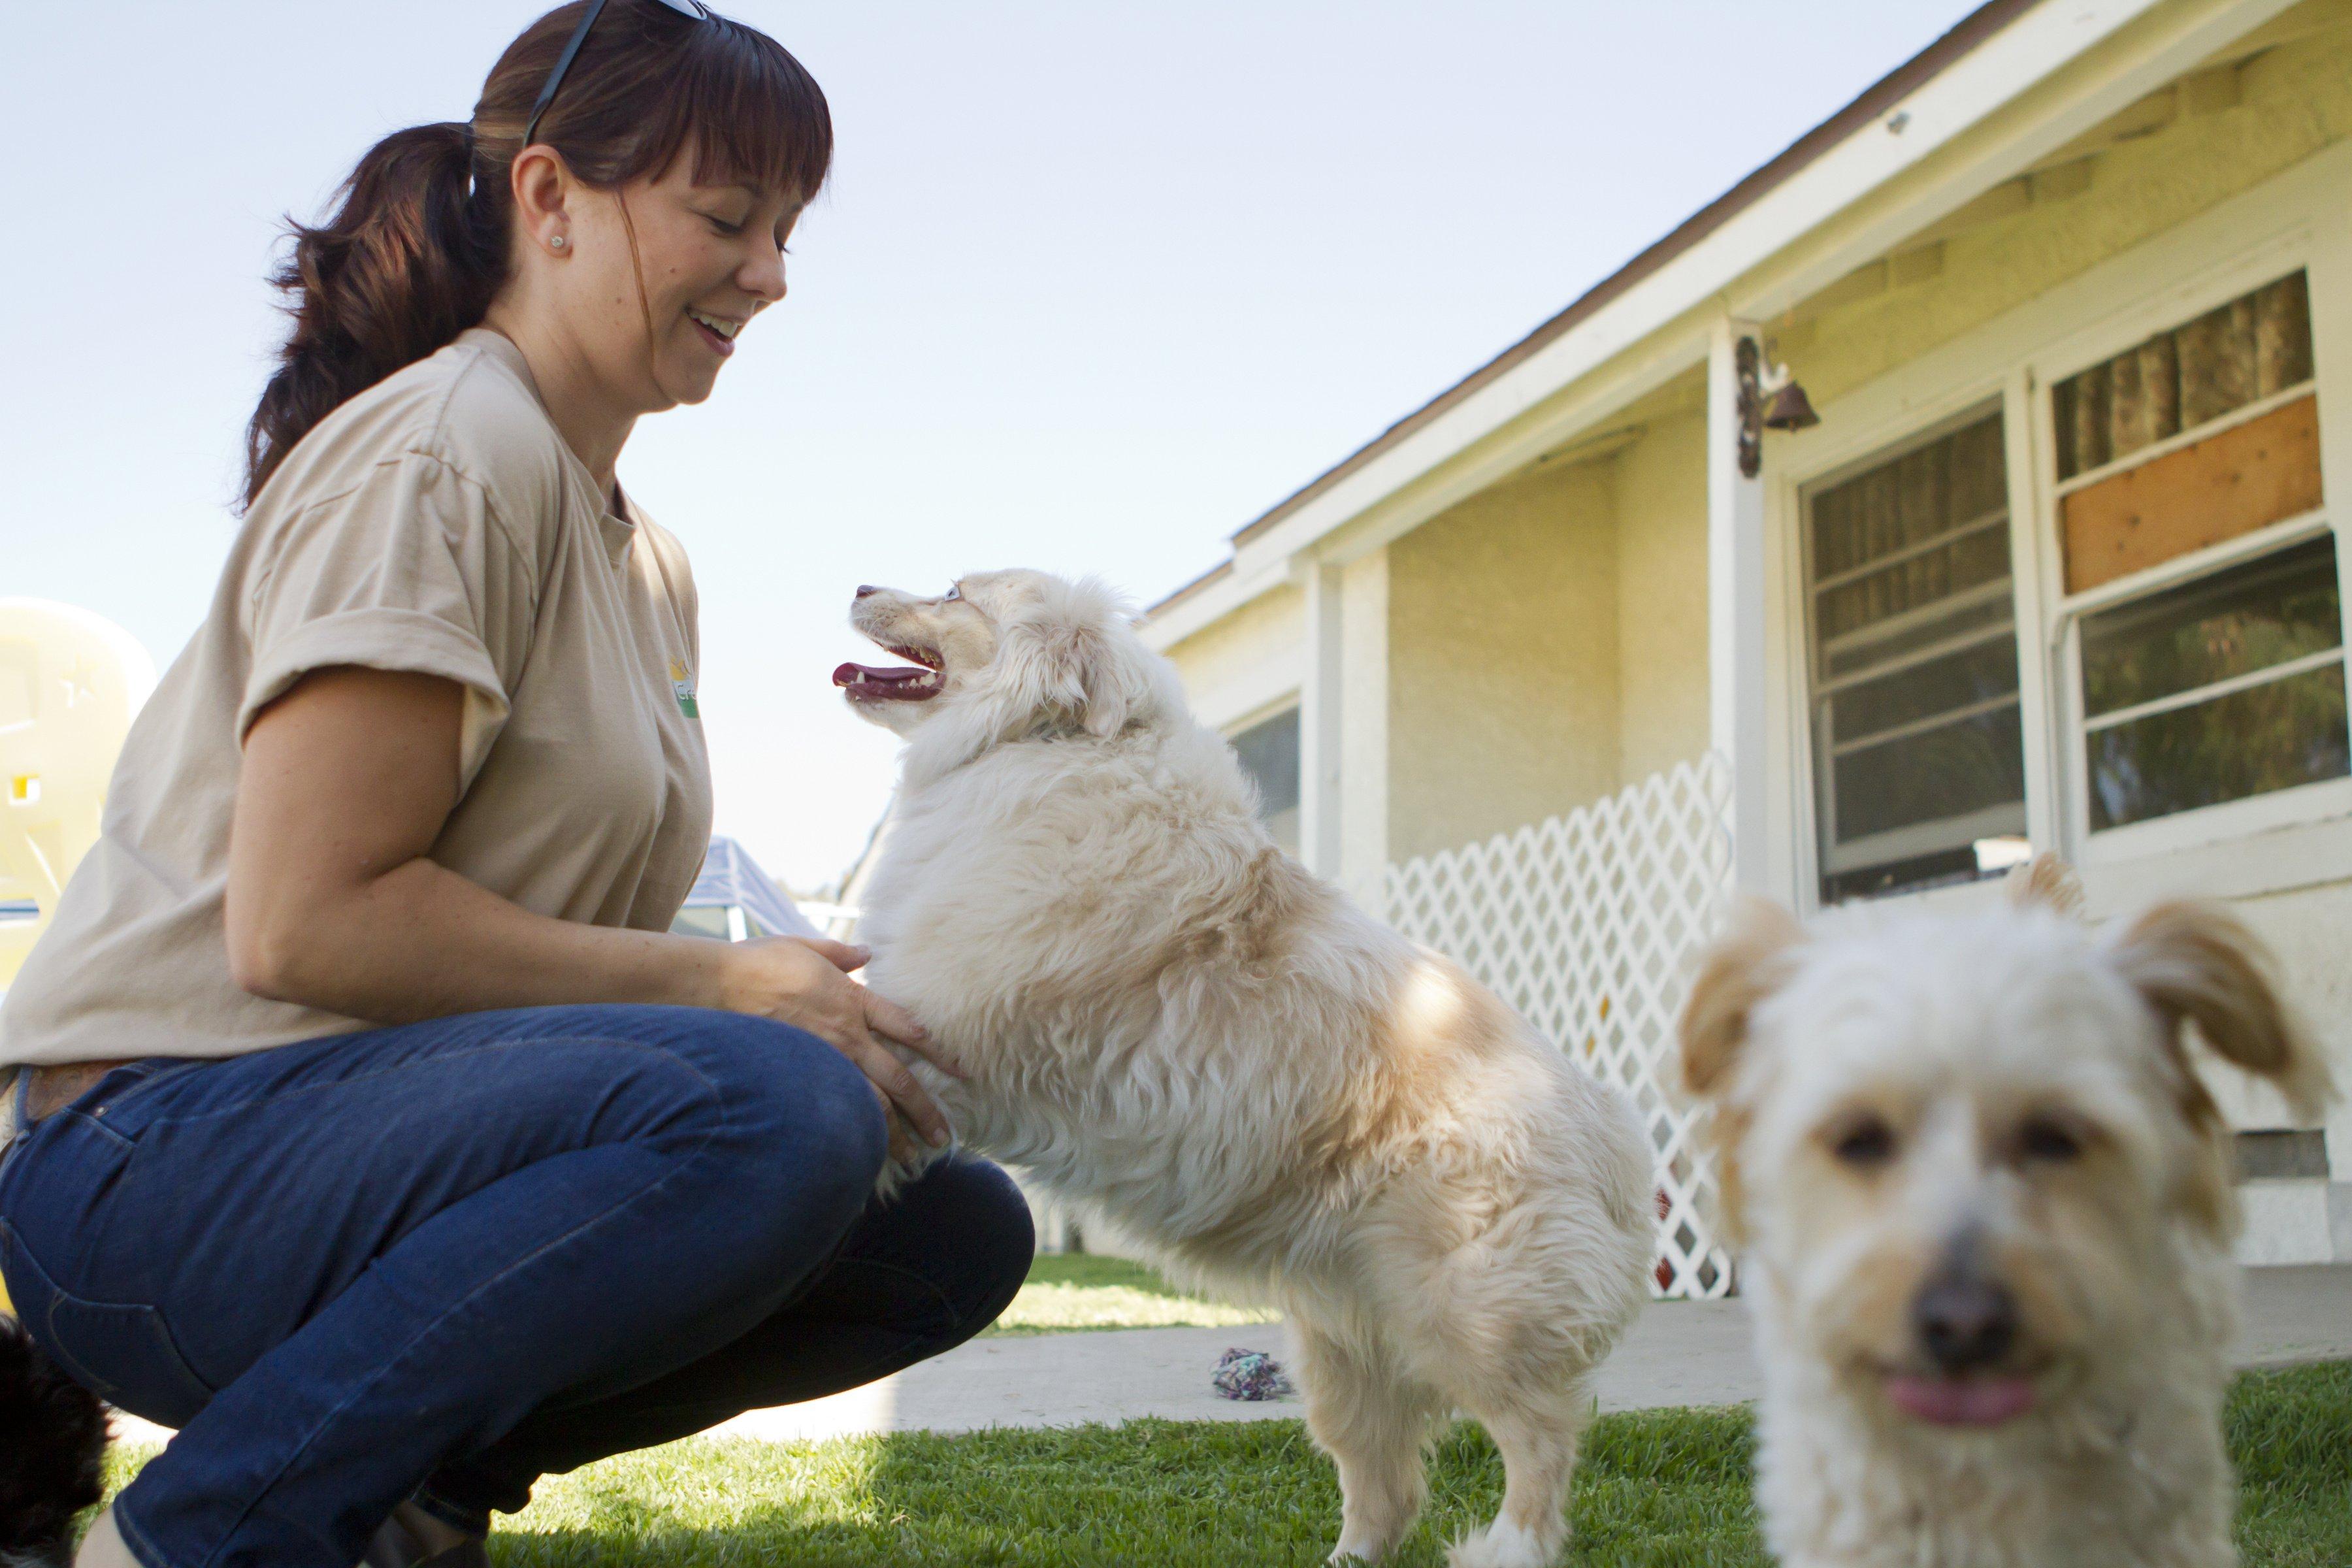 Dog caretaker